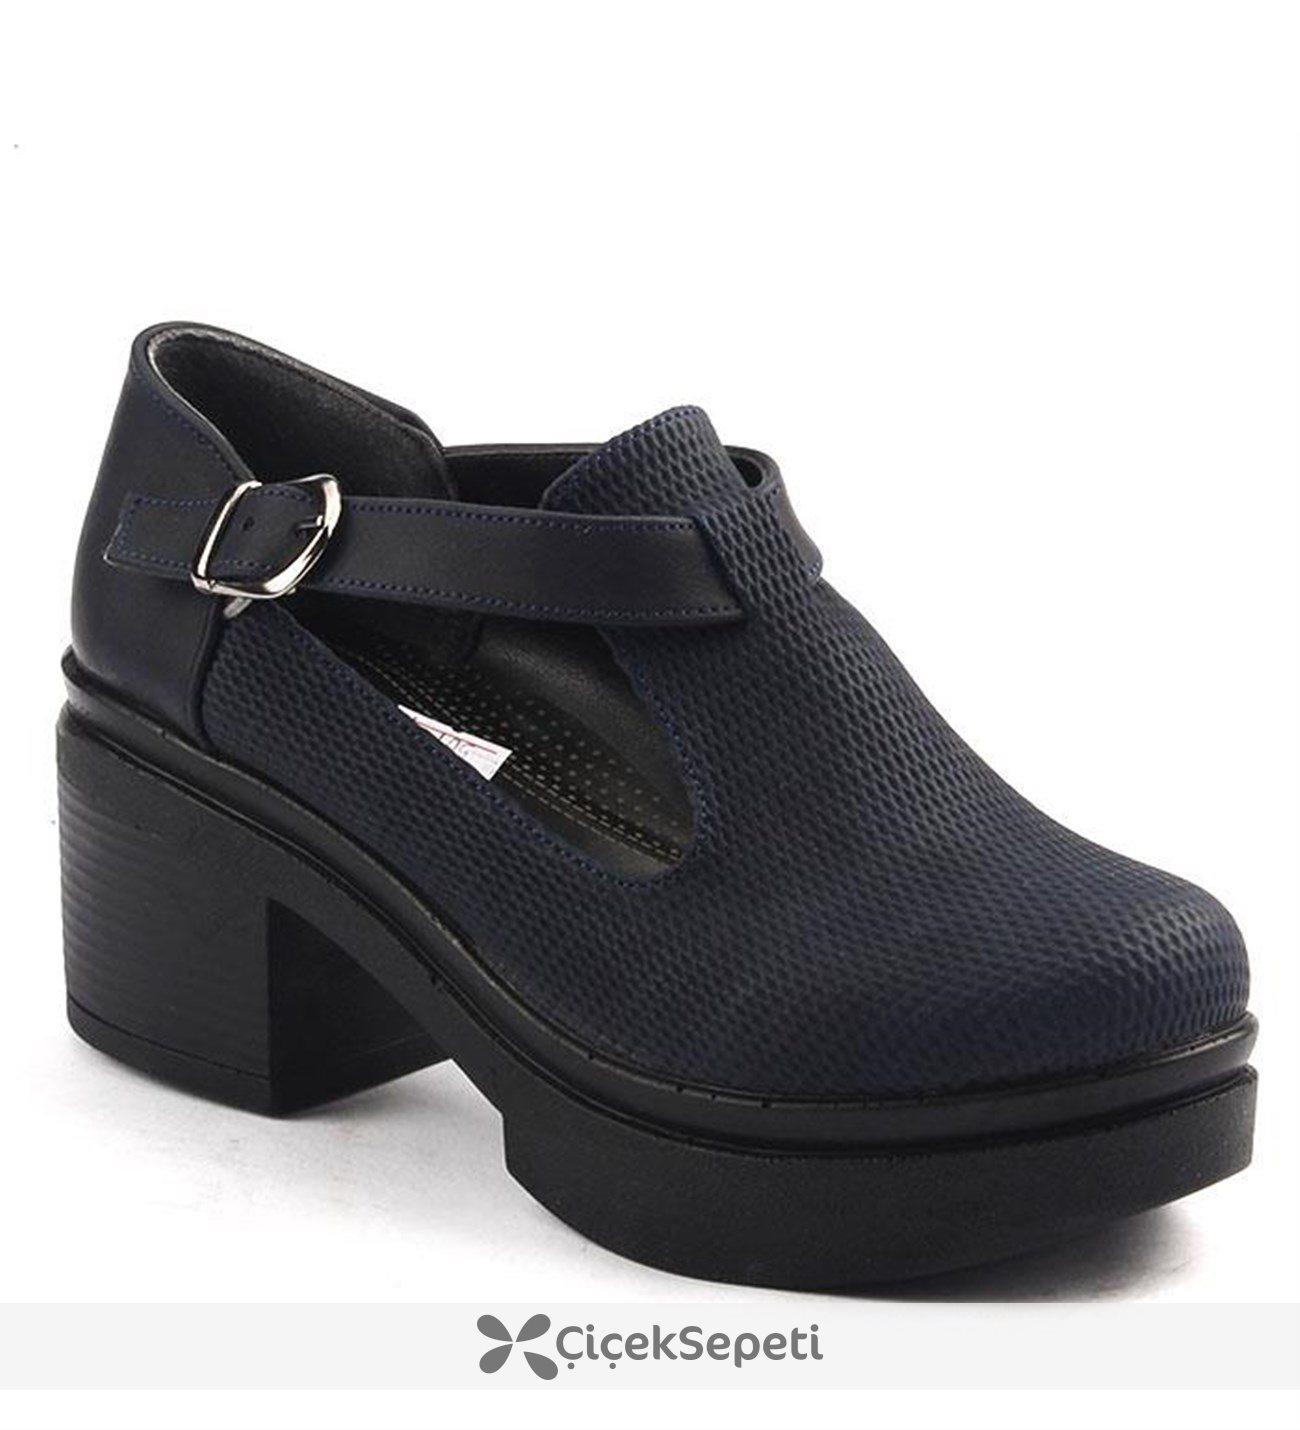 Ayakland 501.1 Günlük 6Cm Kalın Topuk Bayan Ayakkabı